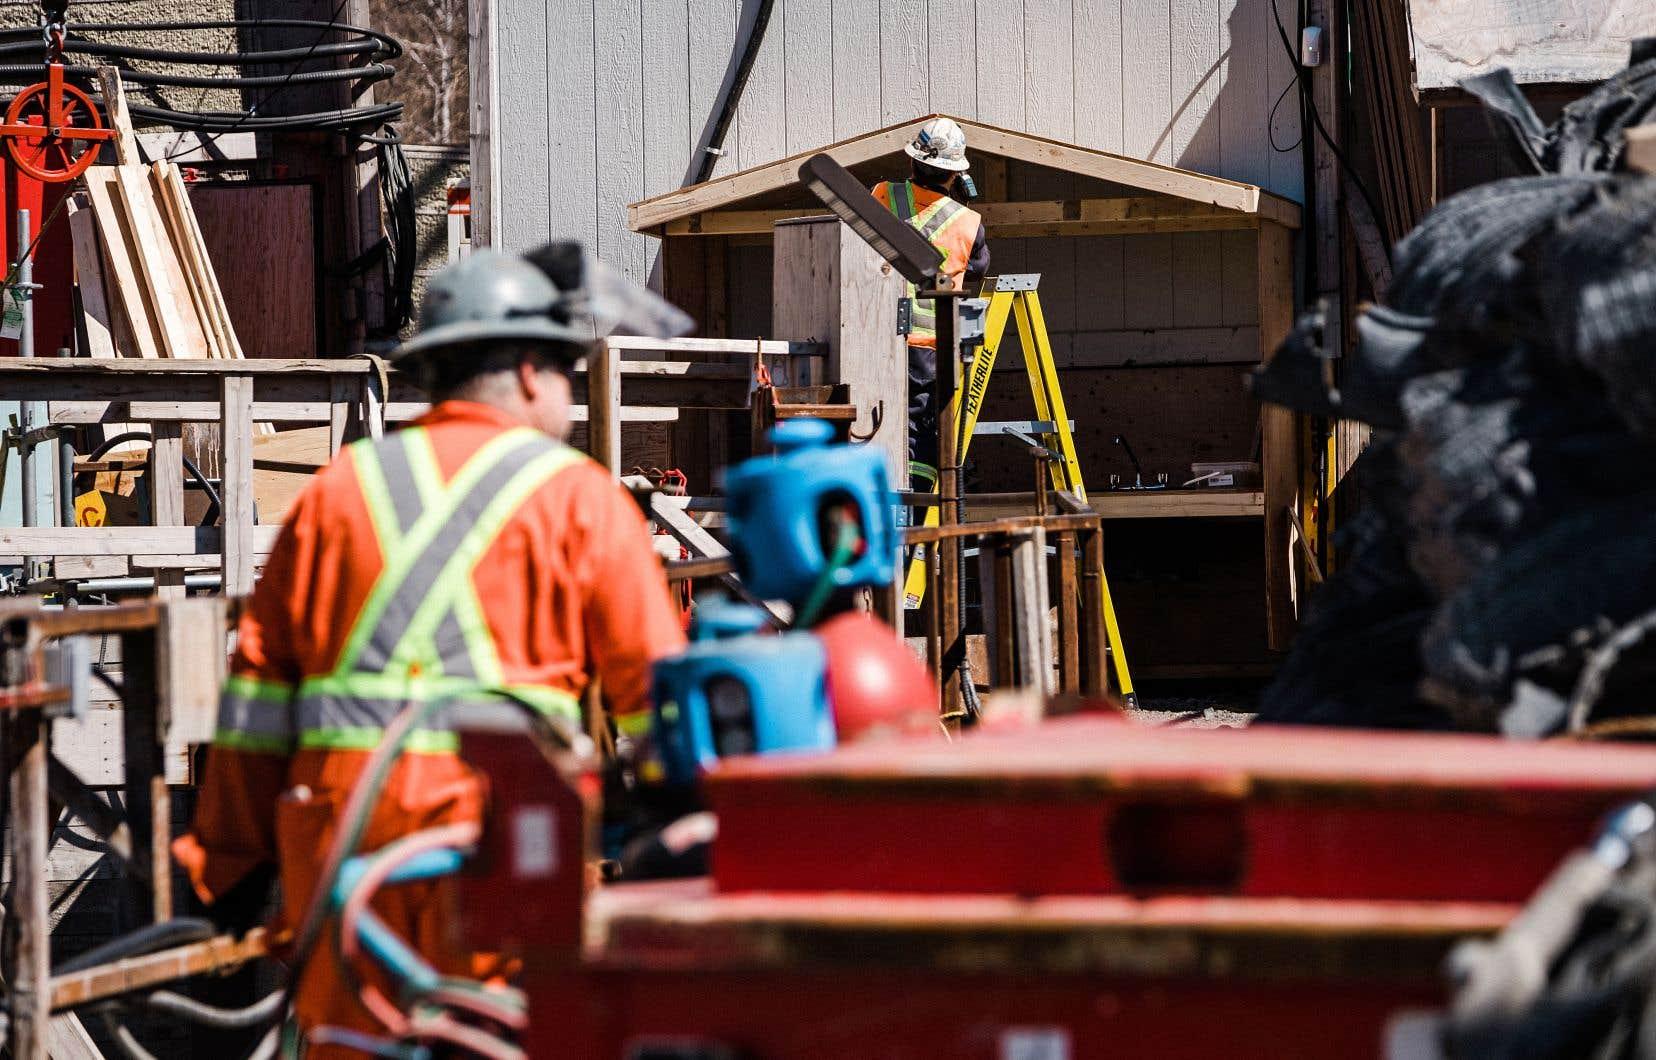 34 chantiers sont aux prises d'éclosions, soit trois fois plus que la moyenne hebdomadaire recensée depuis le mois de novembre.